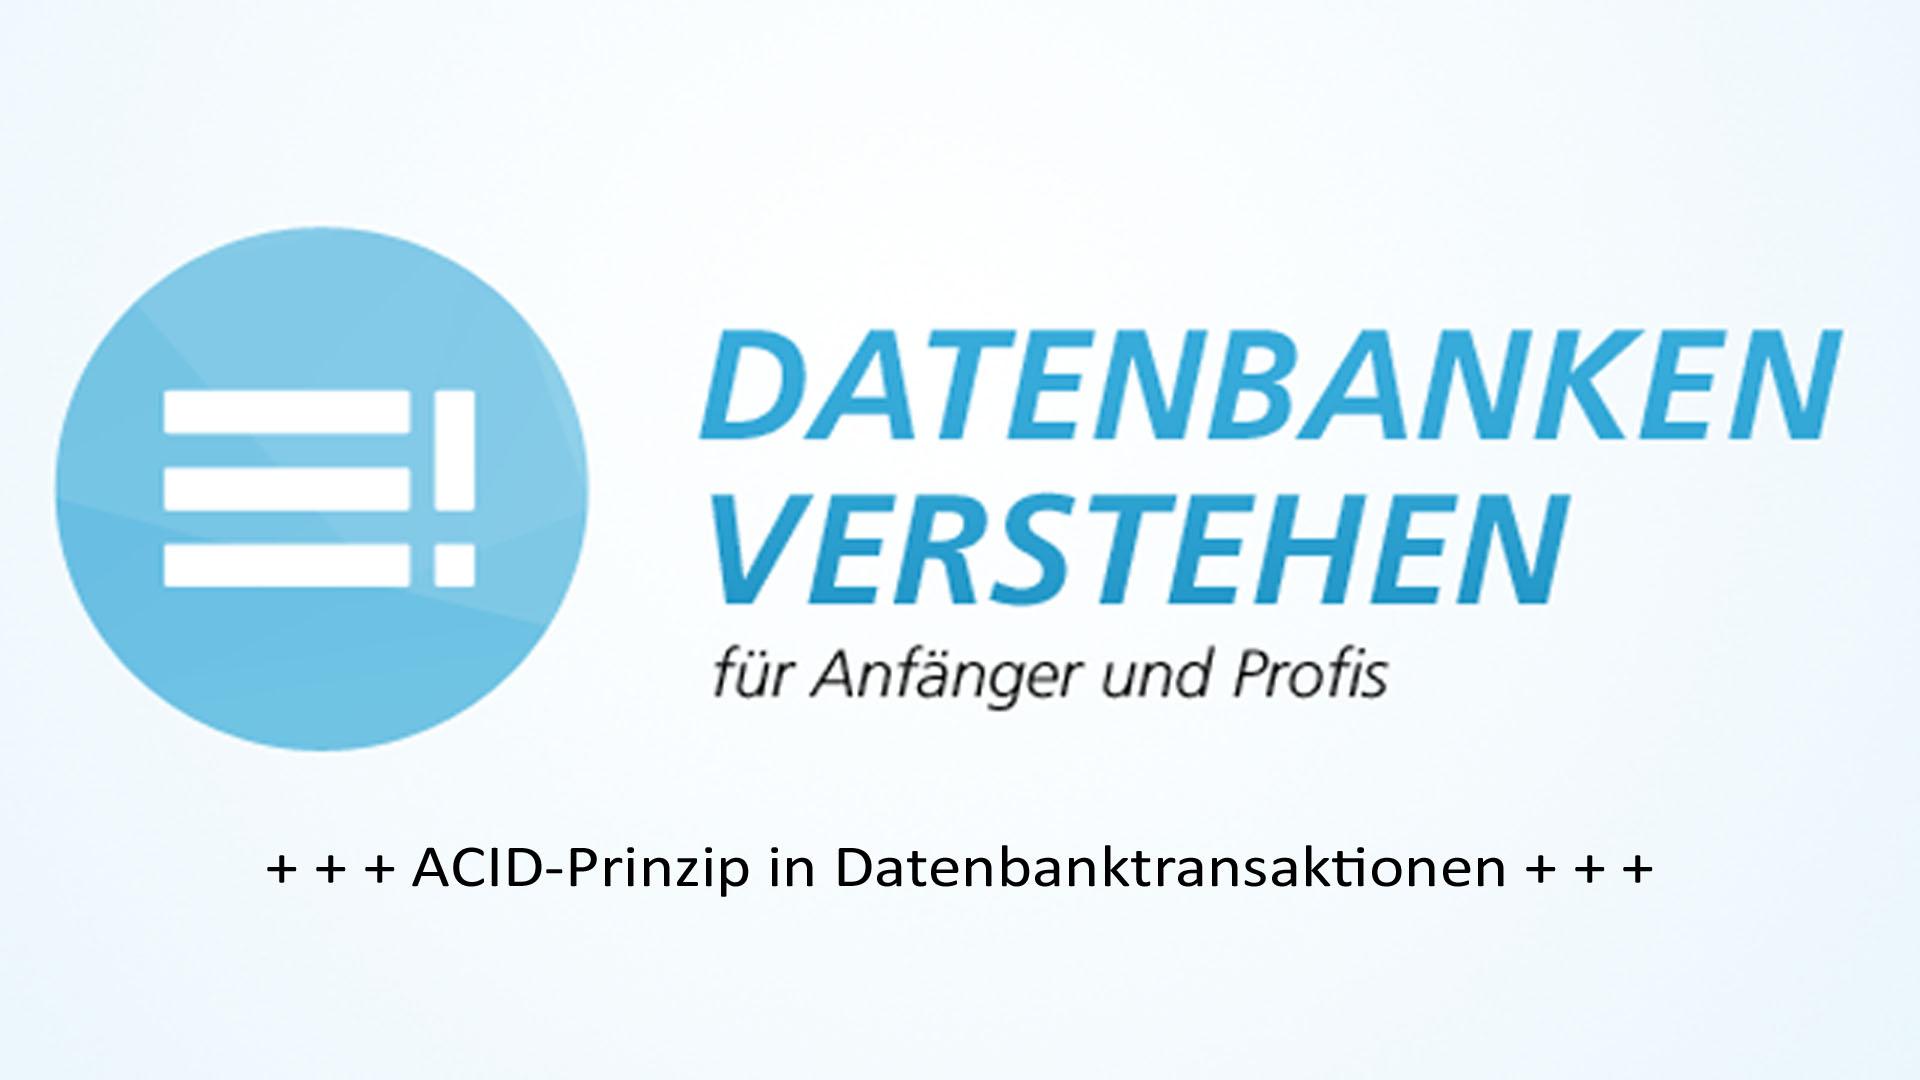 ACID-Prinzip in Datenbanktransaktionen | Datenbank Blog